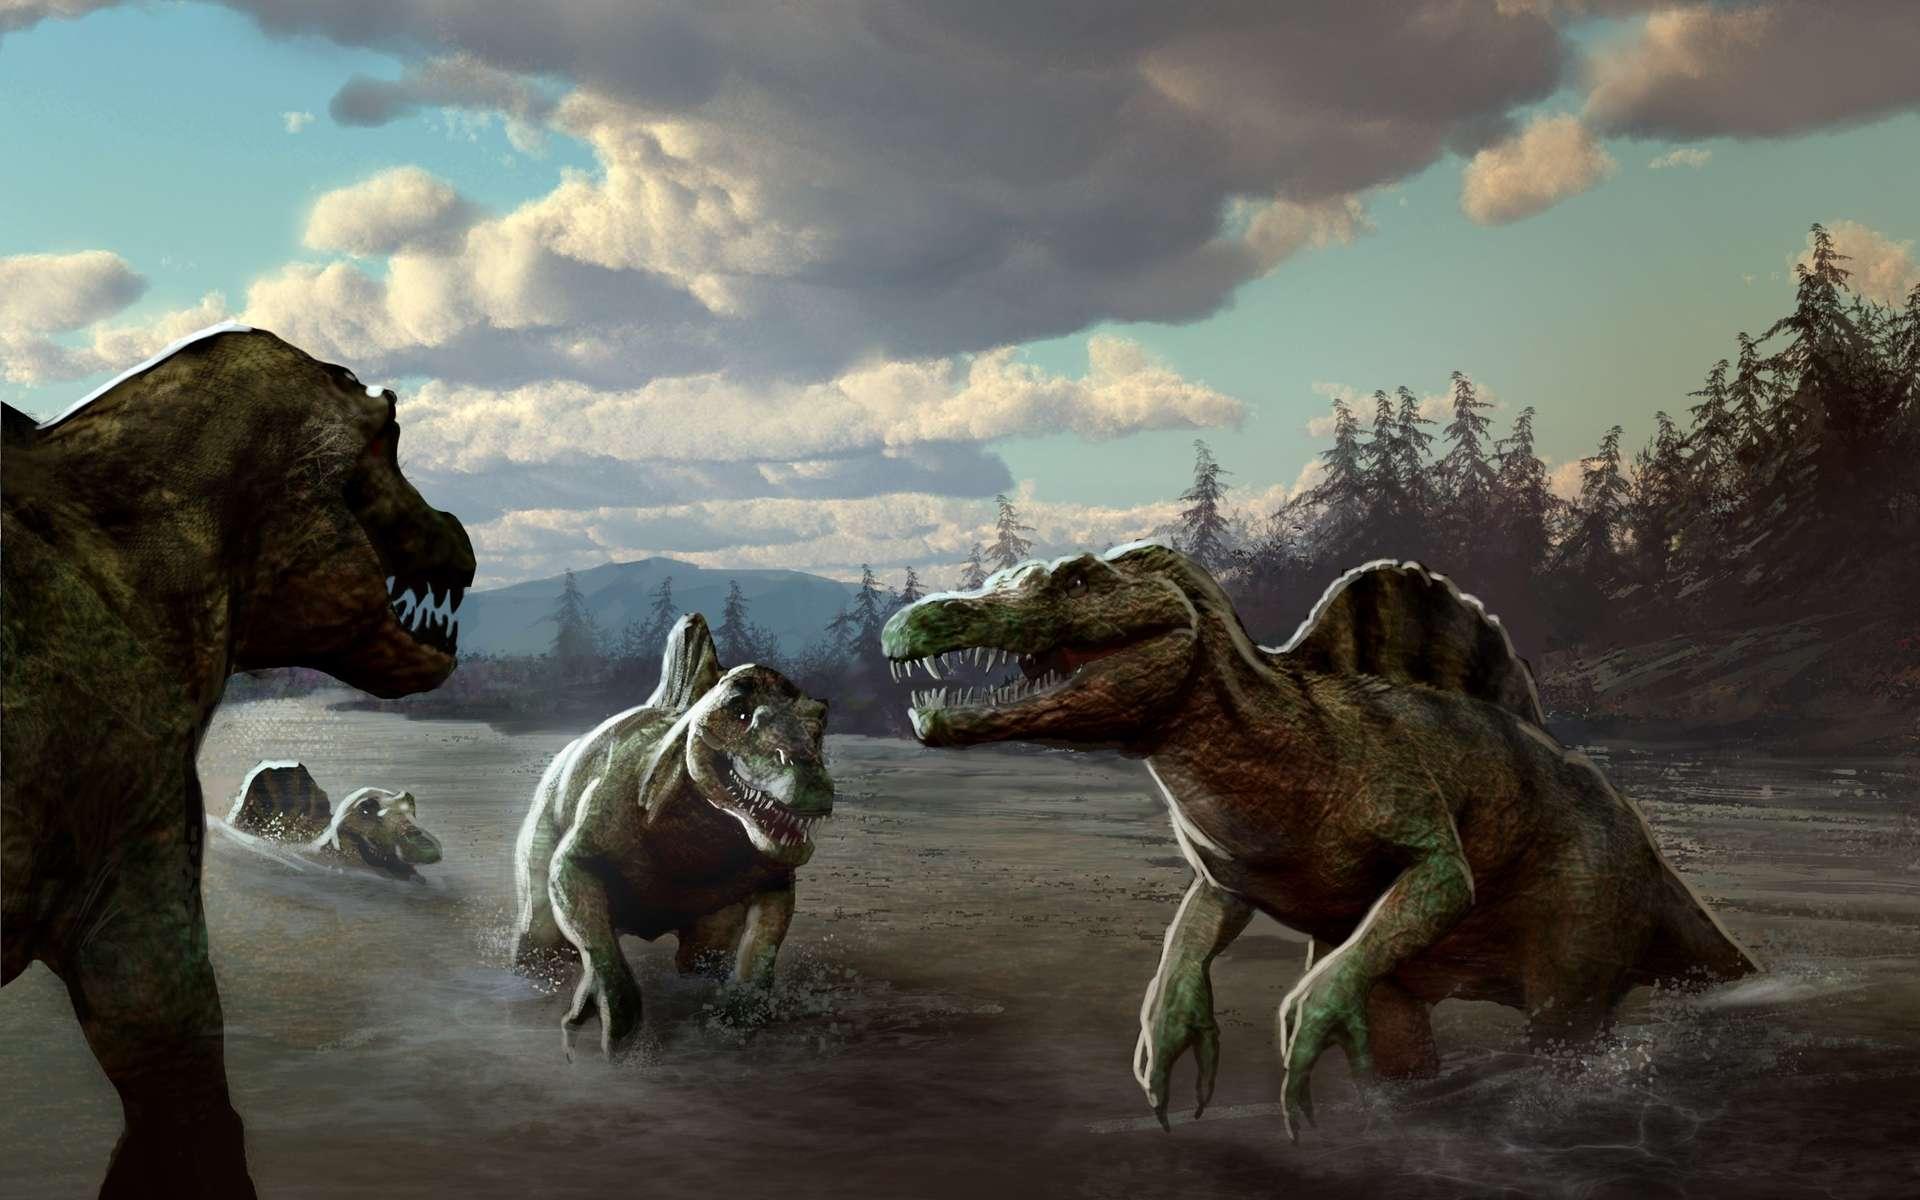 Les isotopes ont rendu leur verdict ! Les spinosaures étaient des animaux semi-aquatiques qui passaient la majeure partie de leur temps dans l'eau comme le font les hippopotames ou crocodiles actuels. Crédit : CNRS-Marc Simonetti